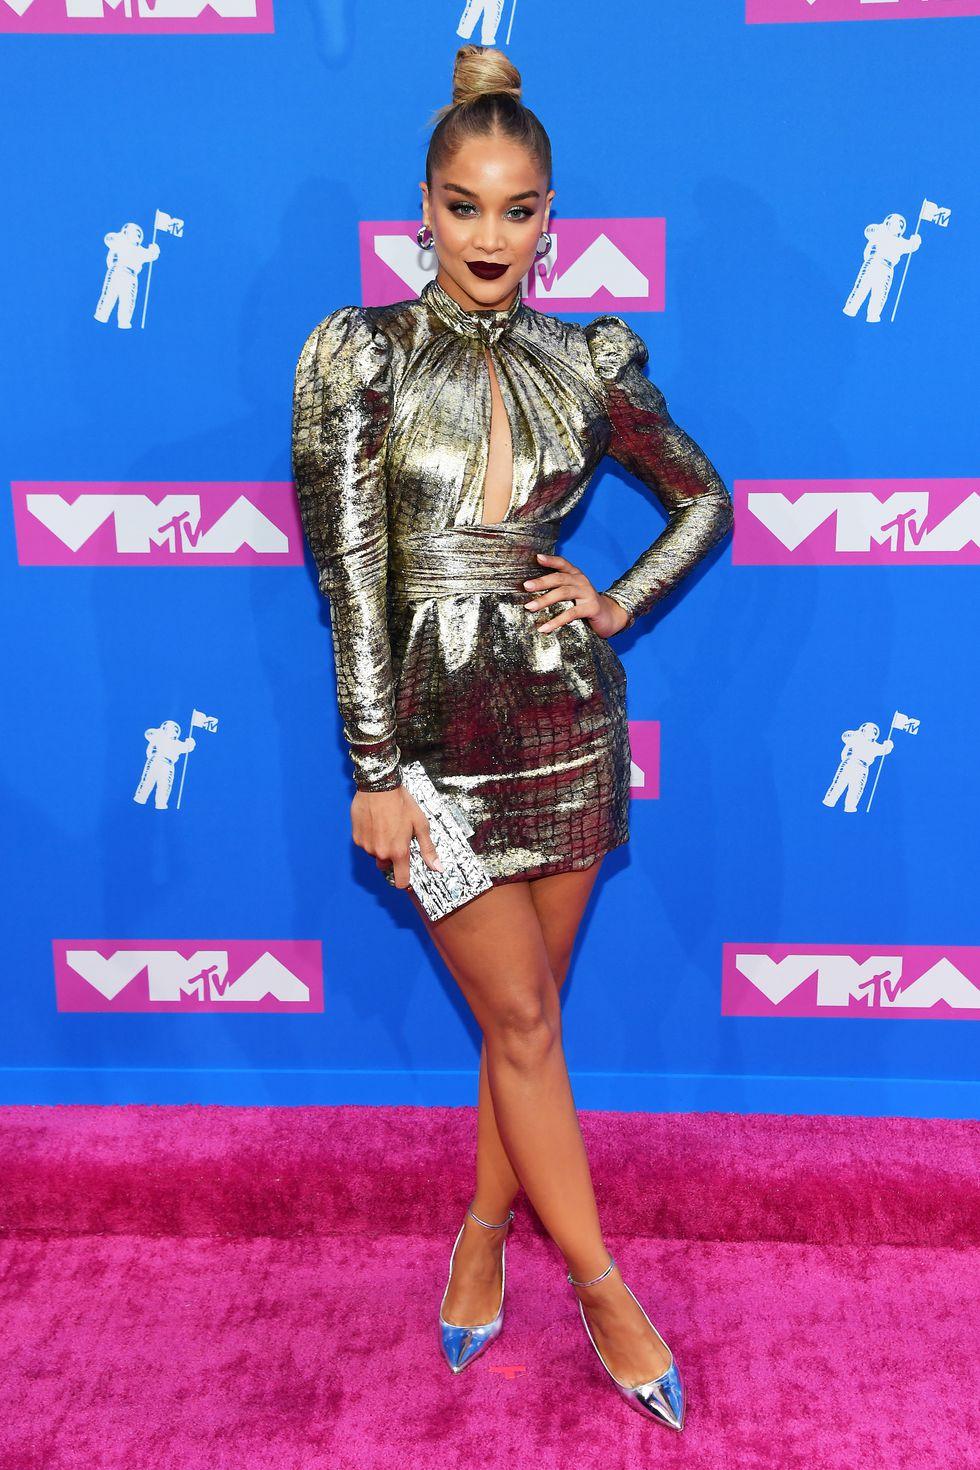 MTV Video Music Awards - Look de Rita Ora - Jean Paul Gaultier